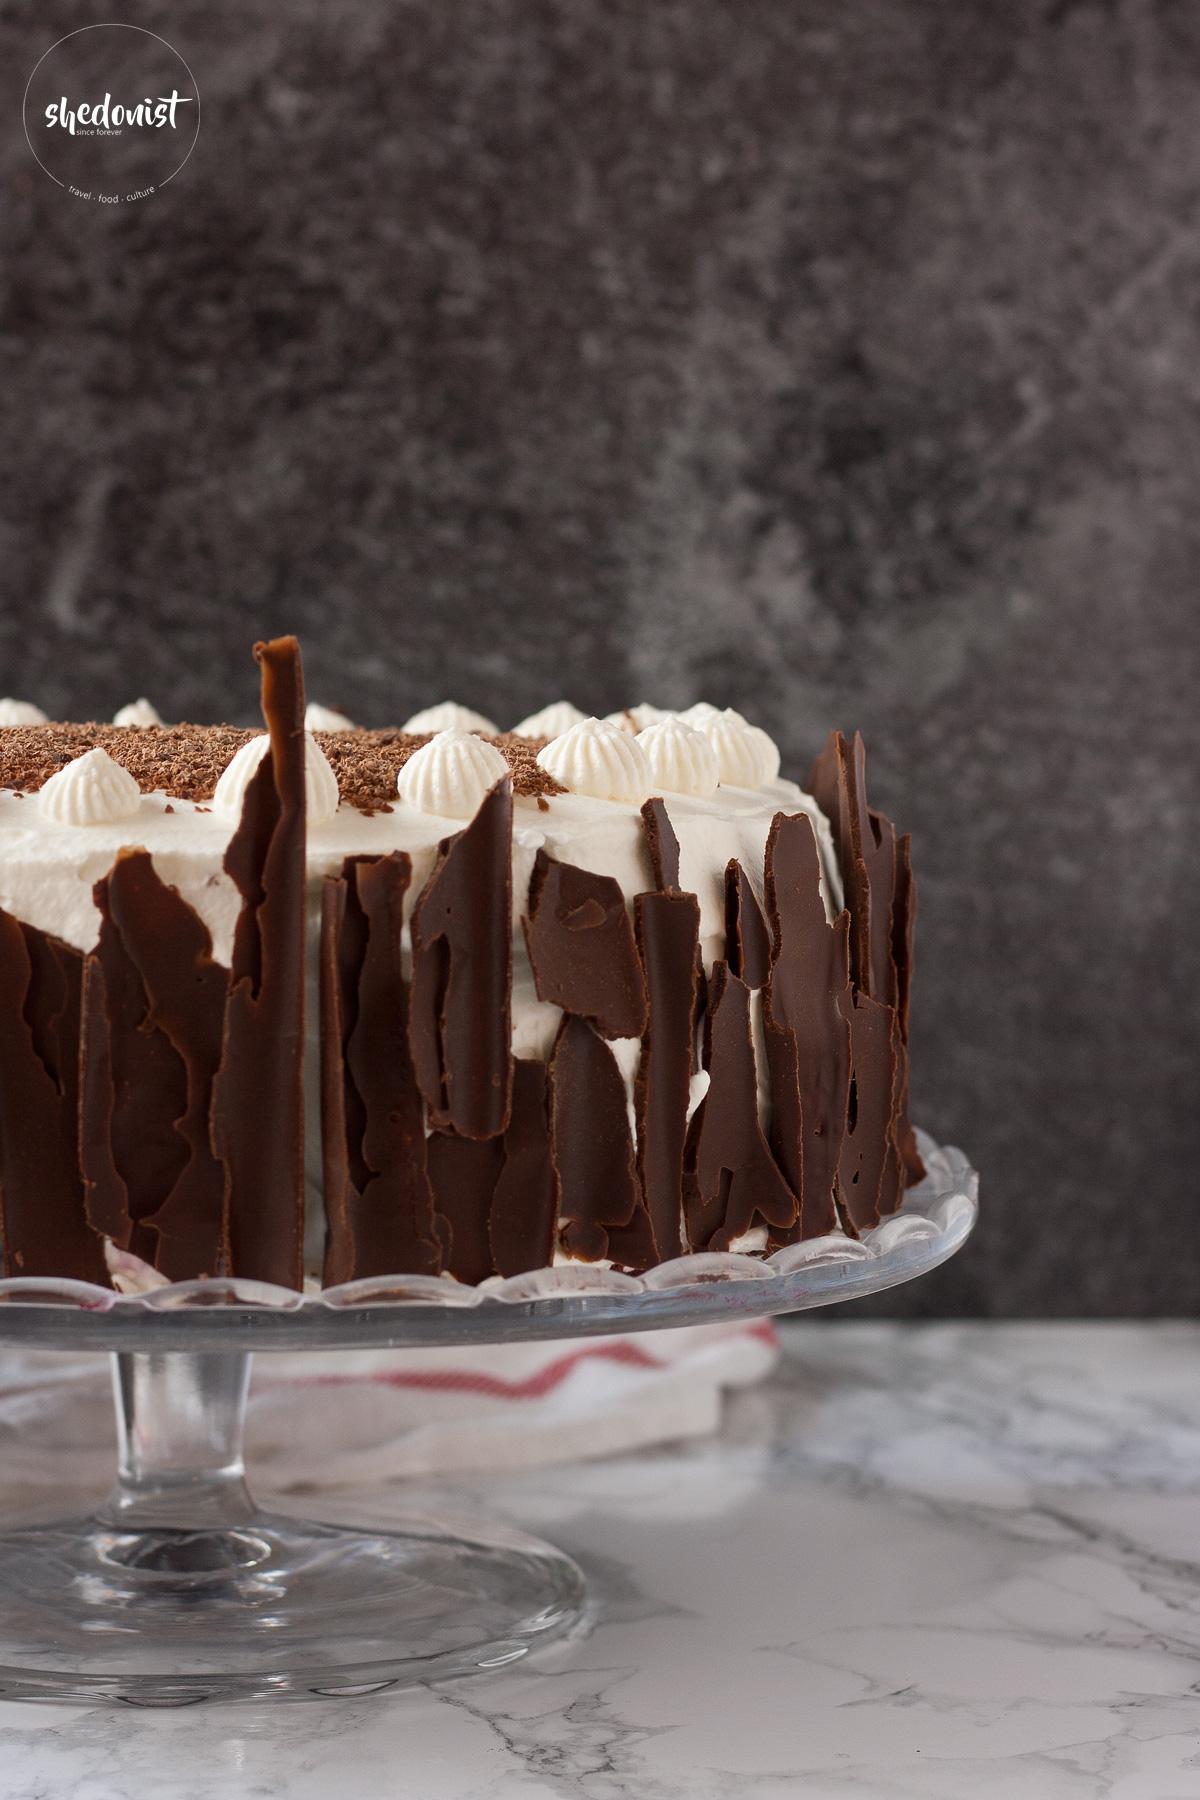 schwarzwald-cake-1